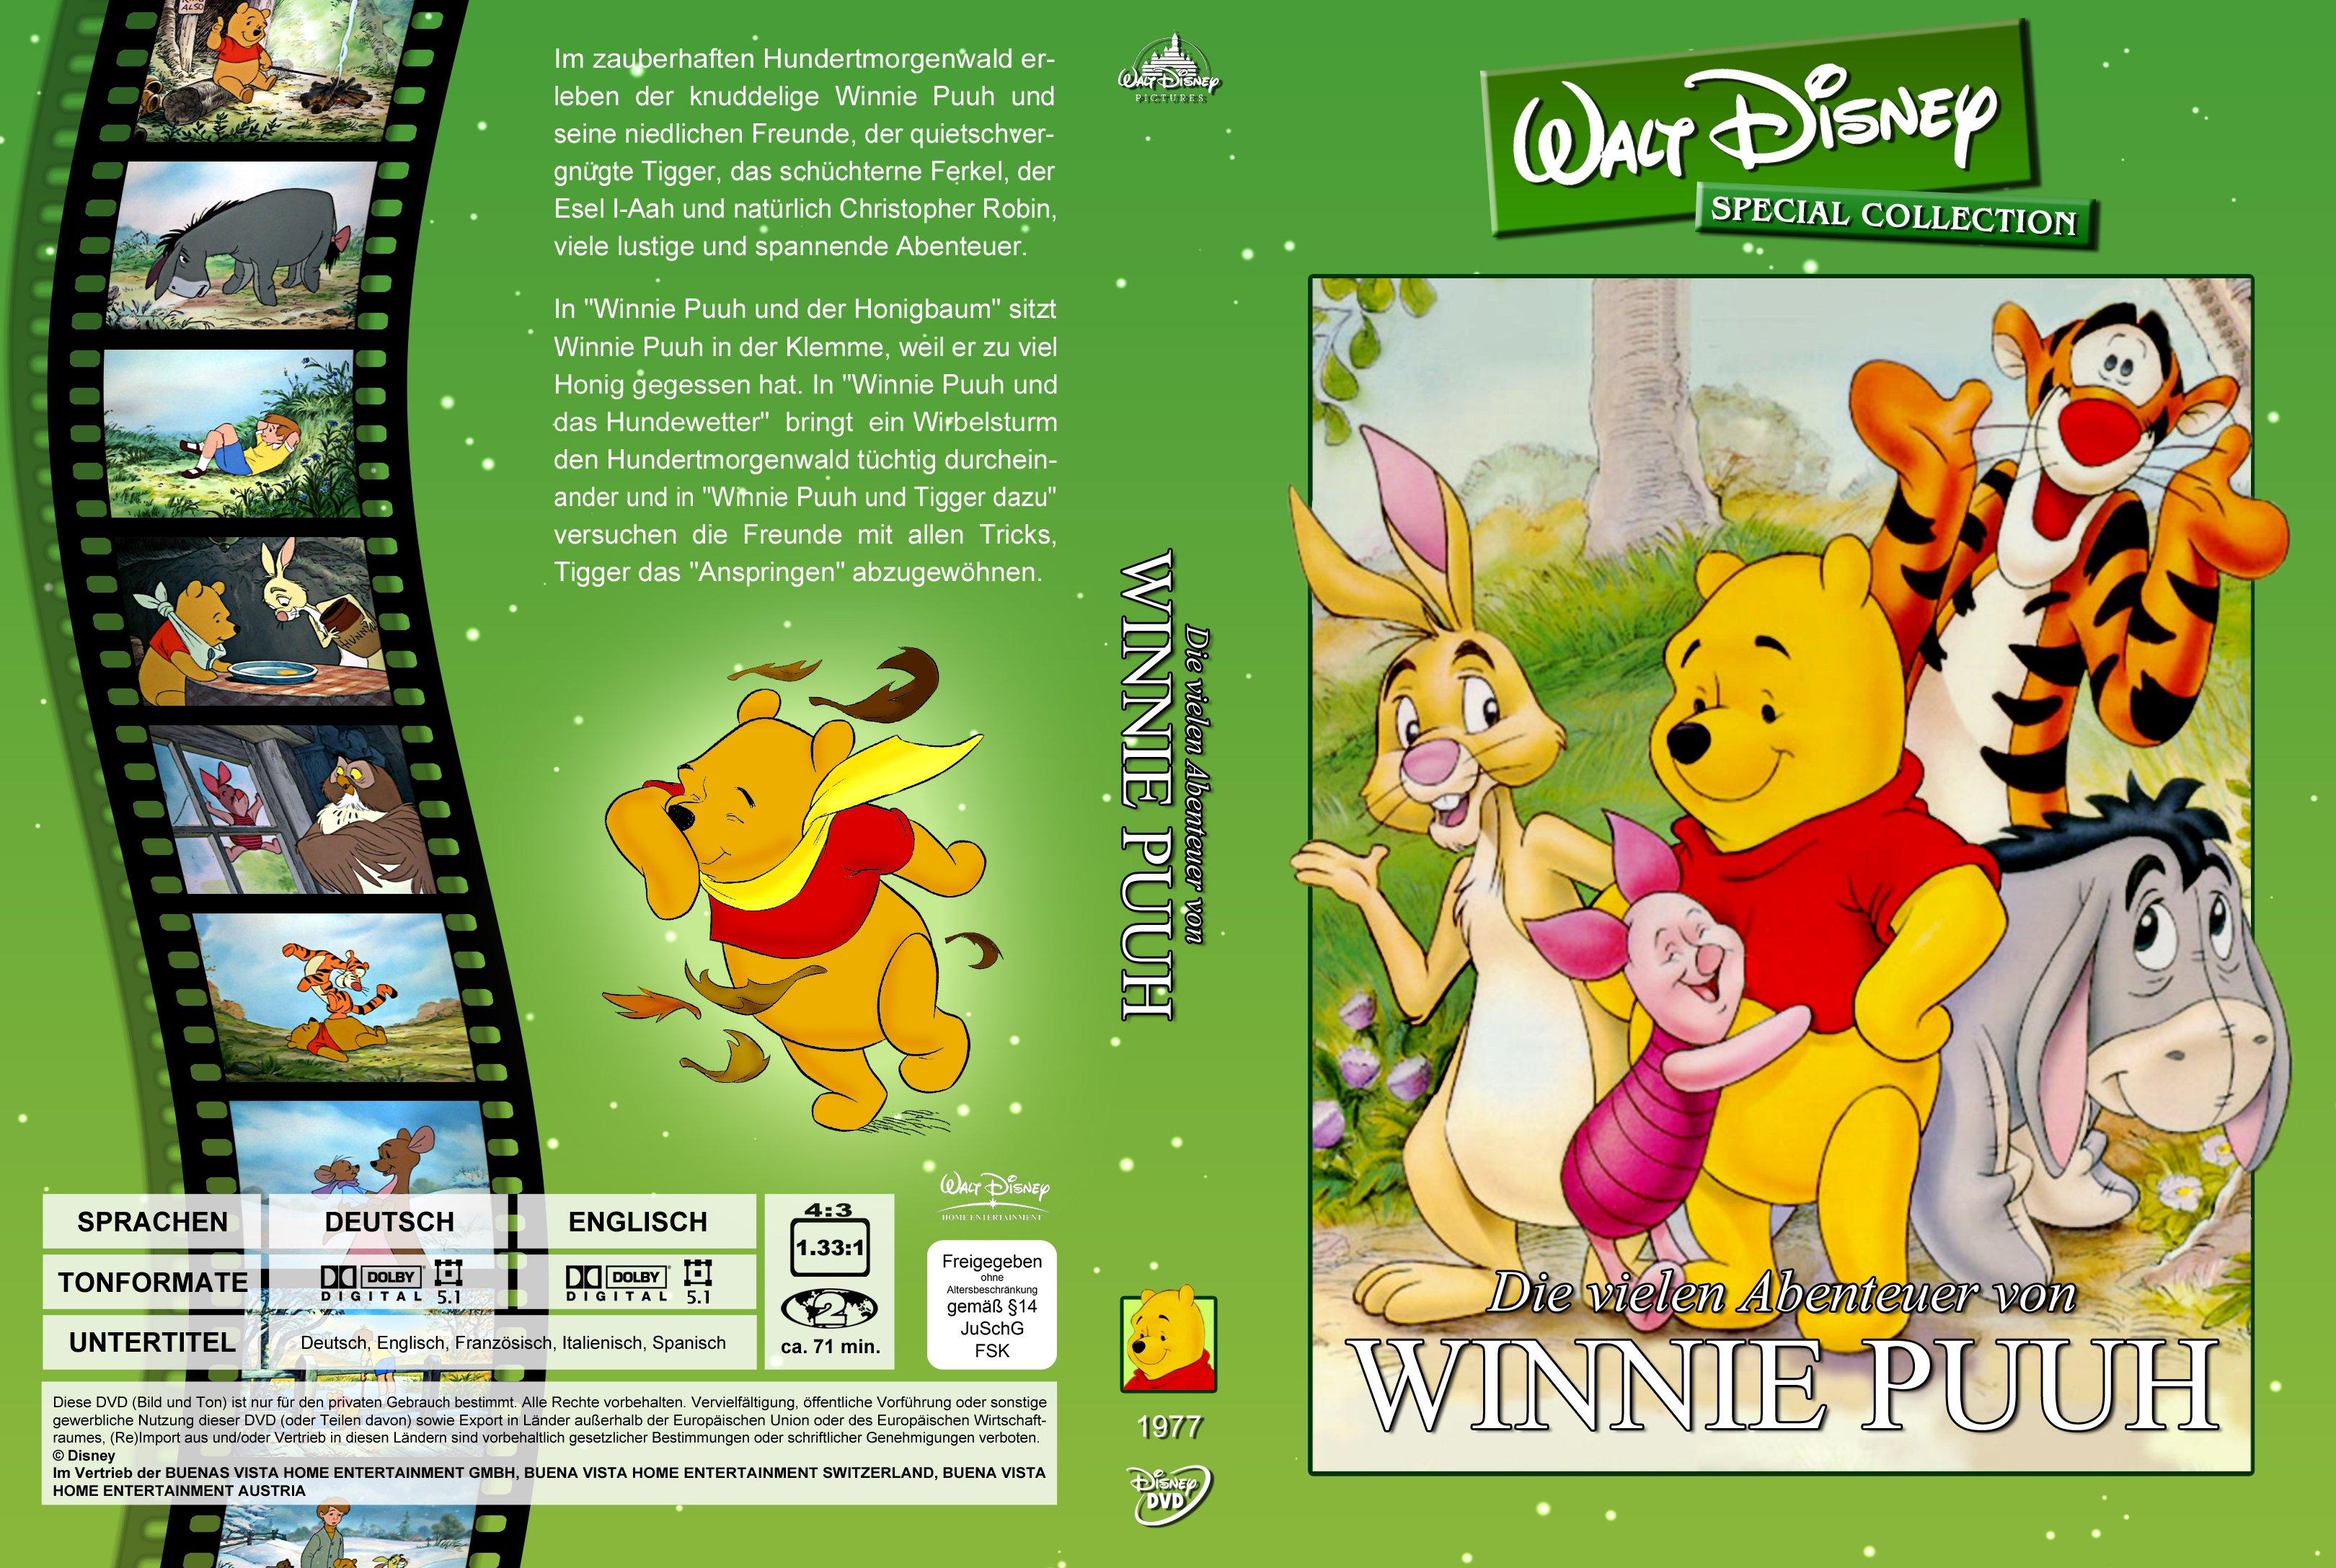 Die vielen Abenteuer von Winnie Puuh Walt Disney Special